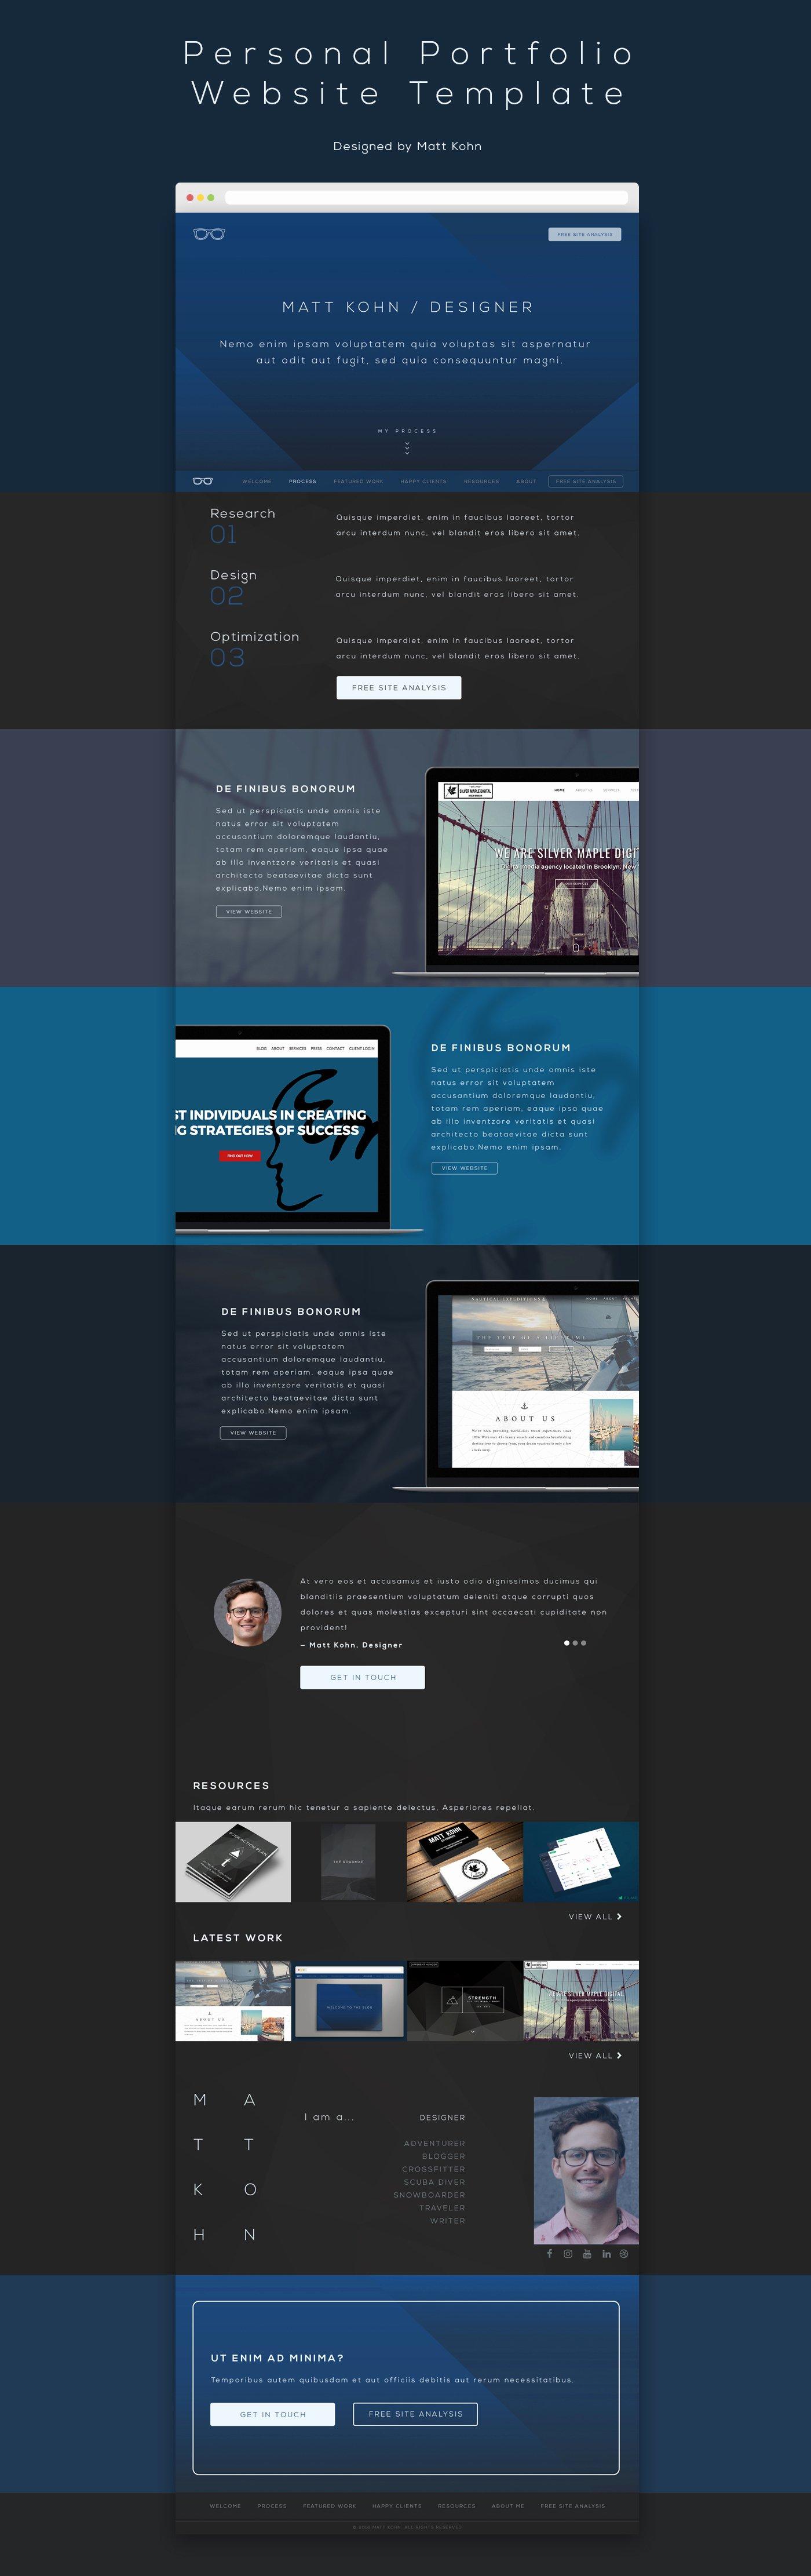 [free Psd] Personal Portfolio Website Template